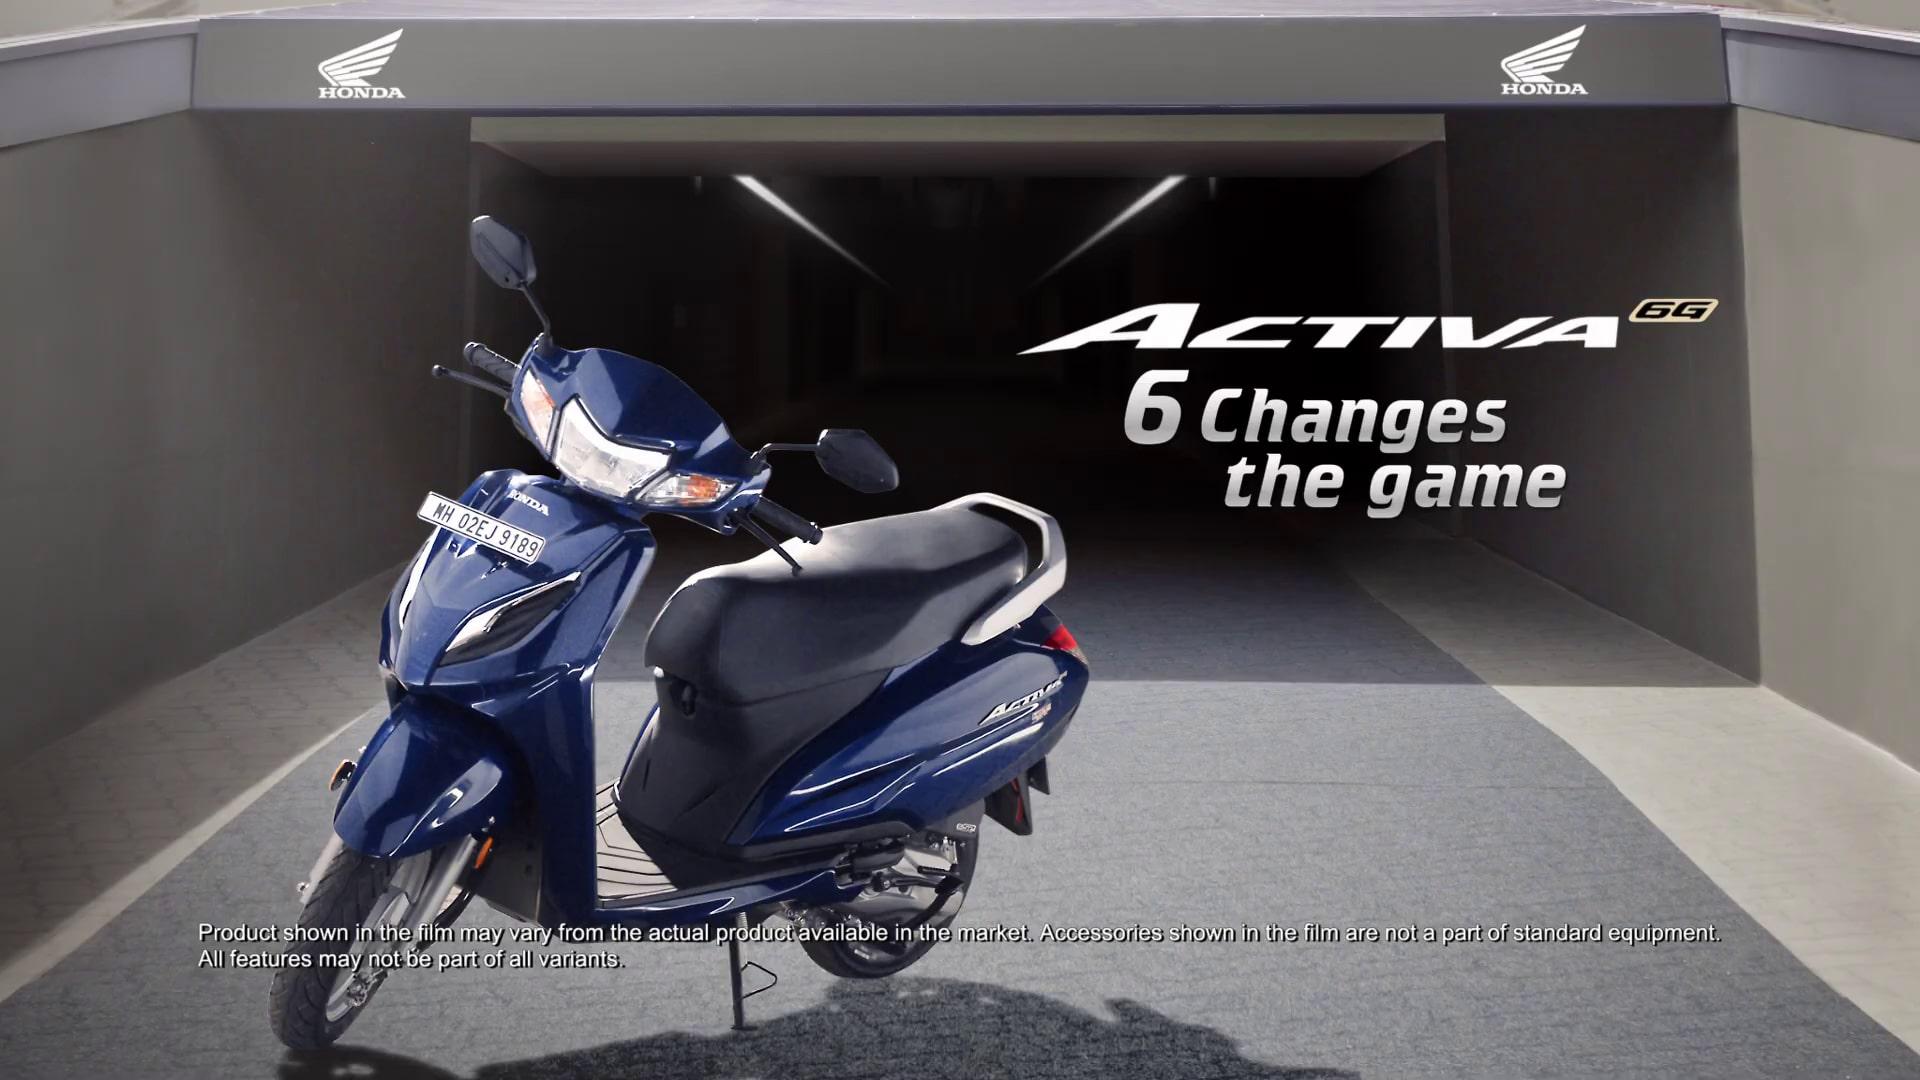 Bs Vi Honda Activa 6g